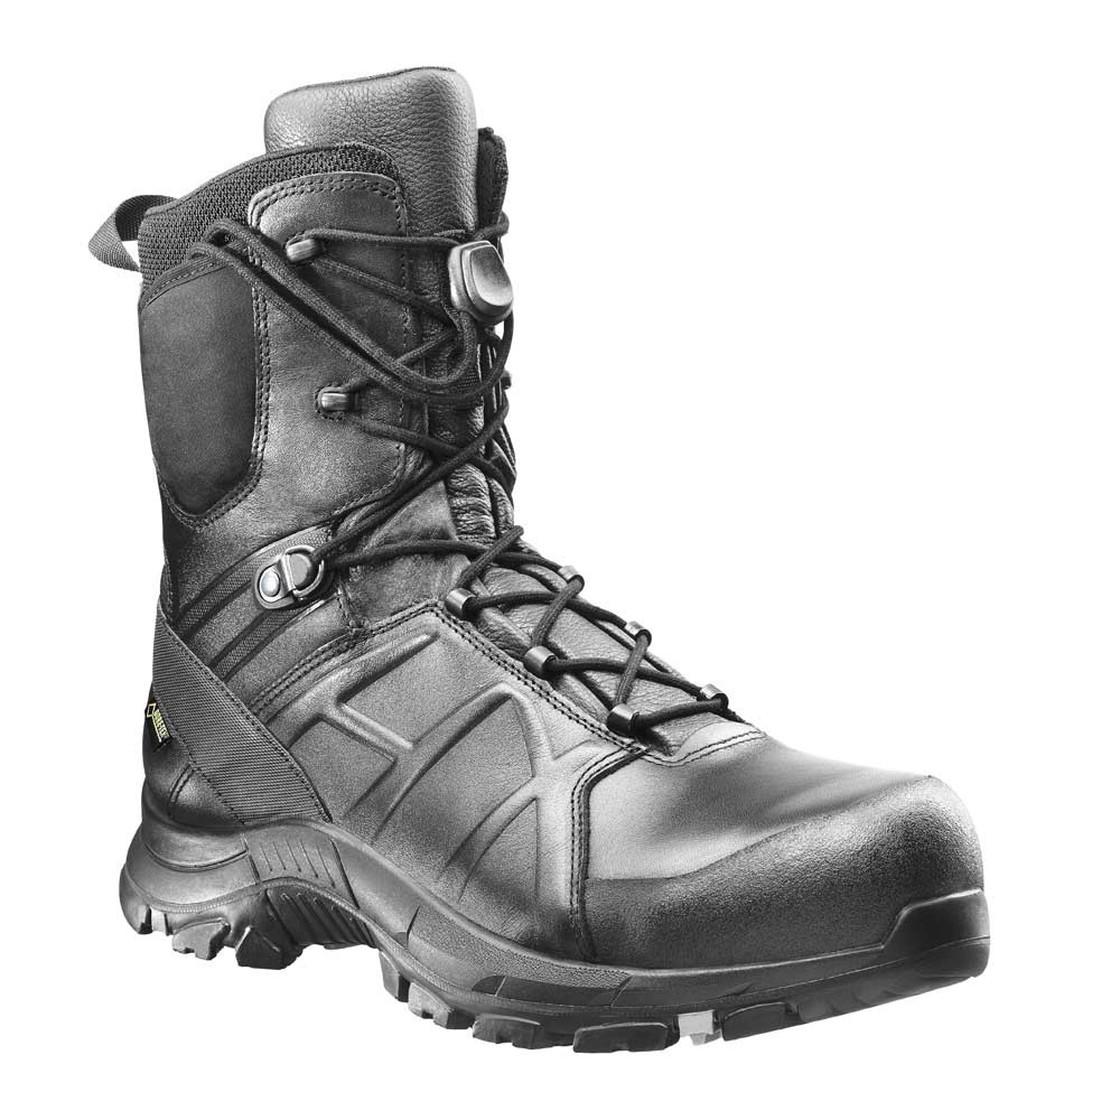 separation shoes 8e4fc 6424b https://www.arbeitsschutz-direkt.eu/ always 1.0 https://www ...